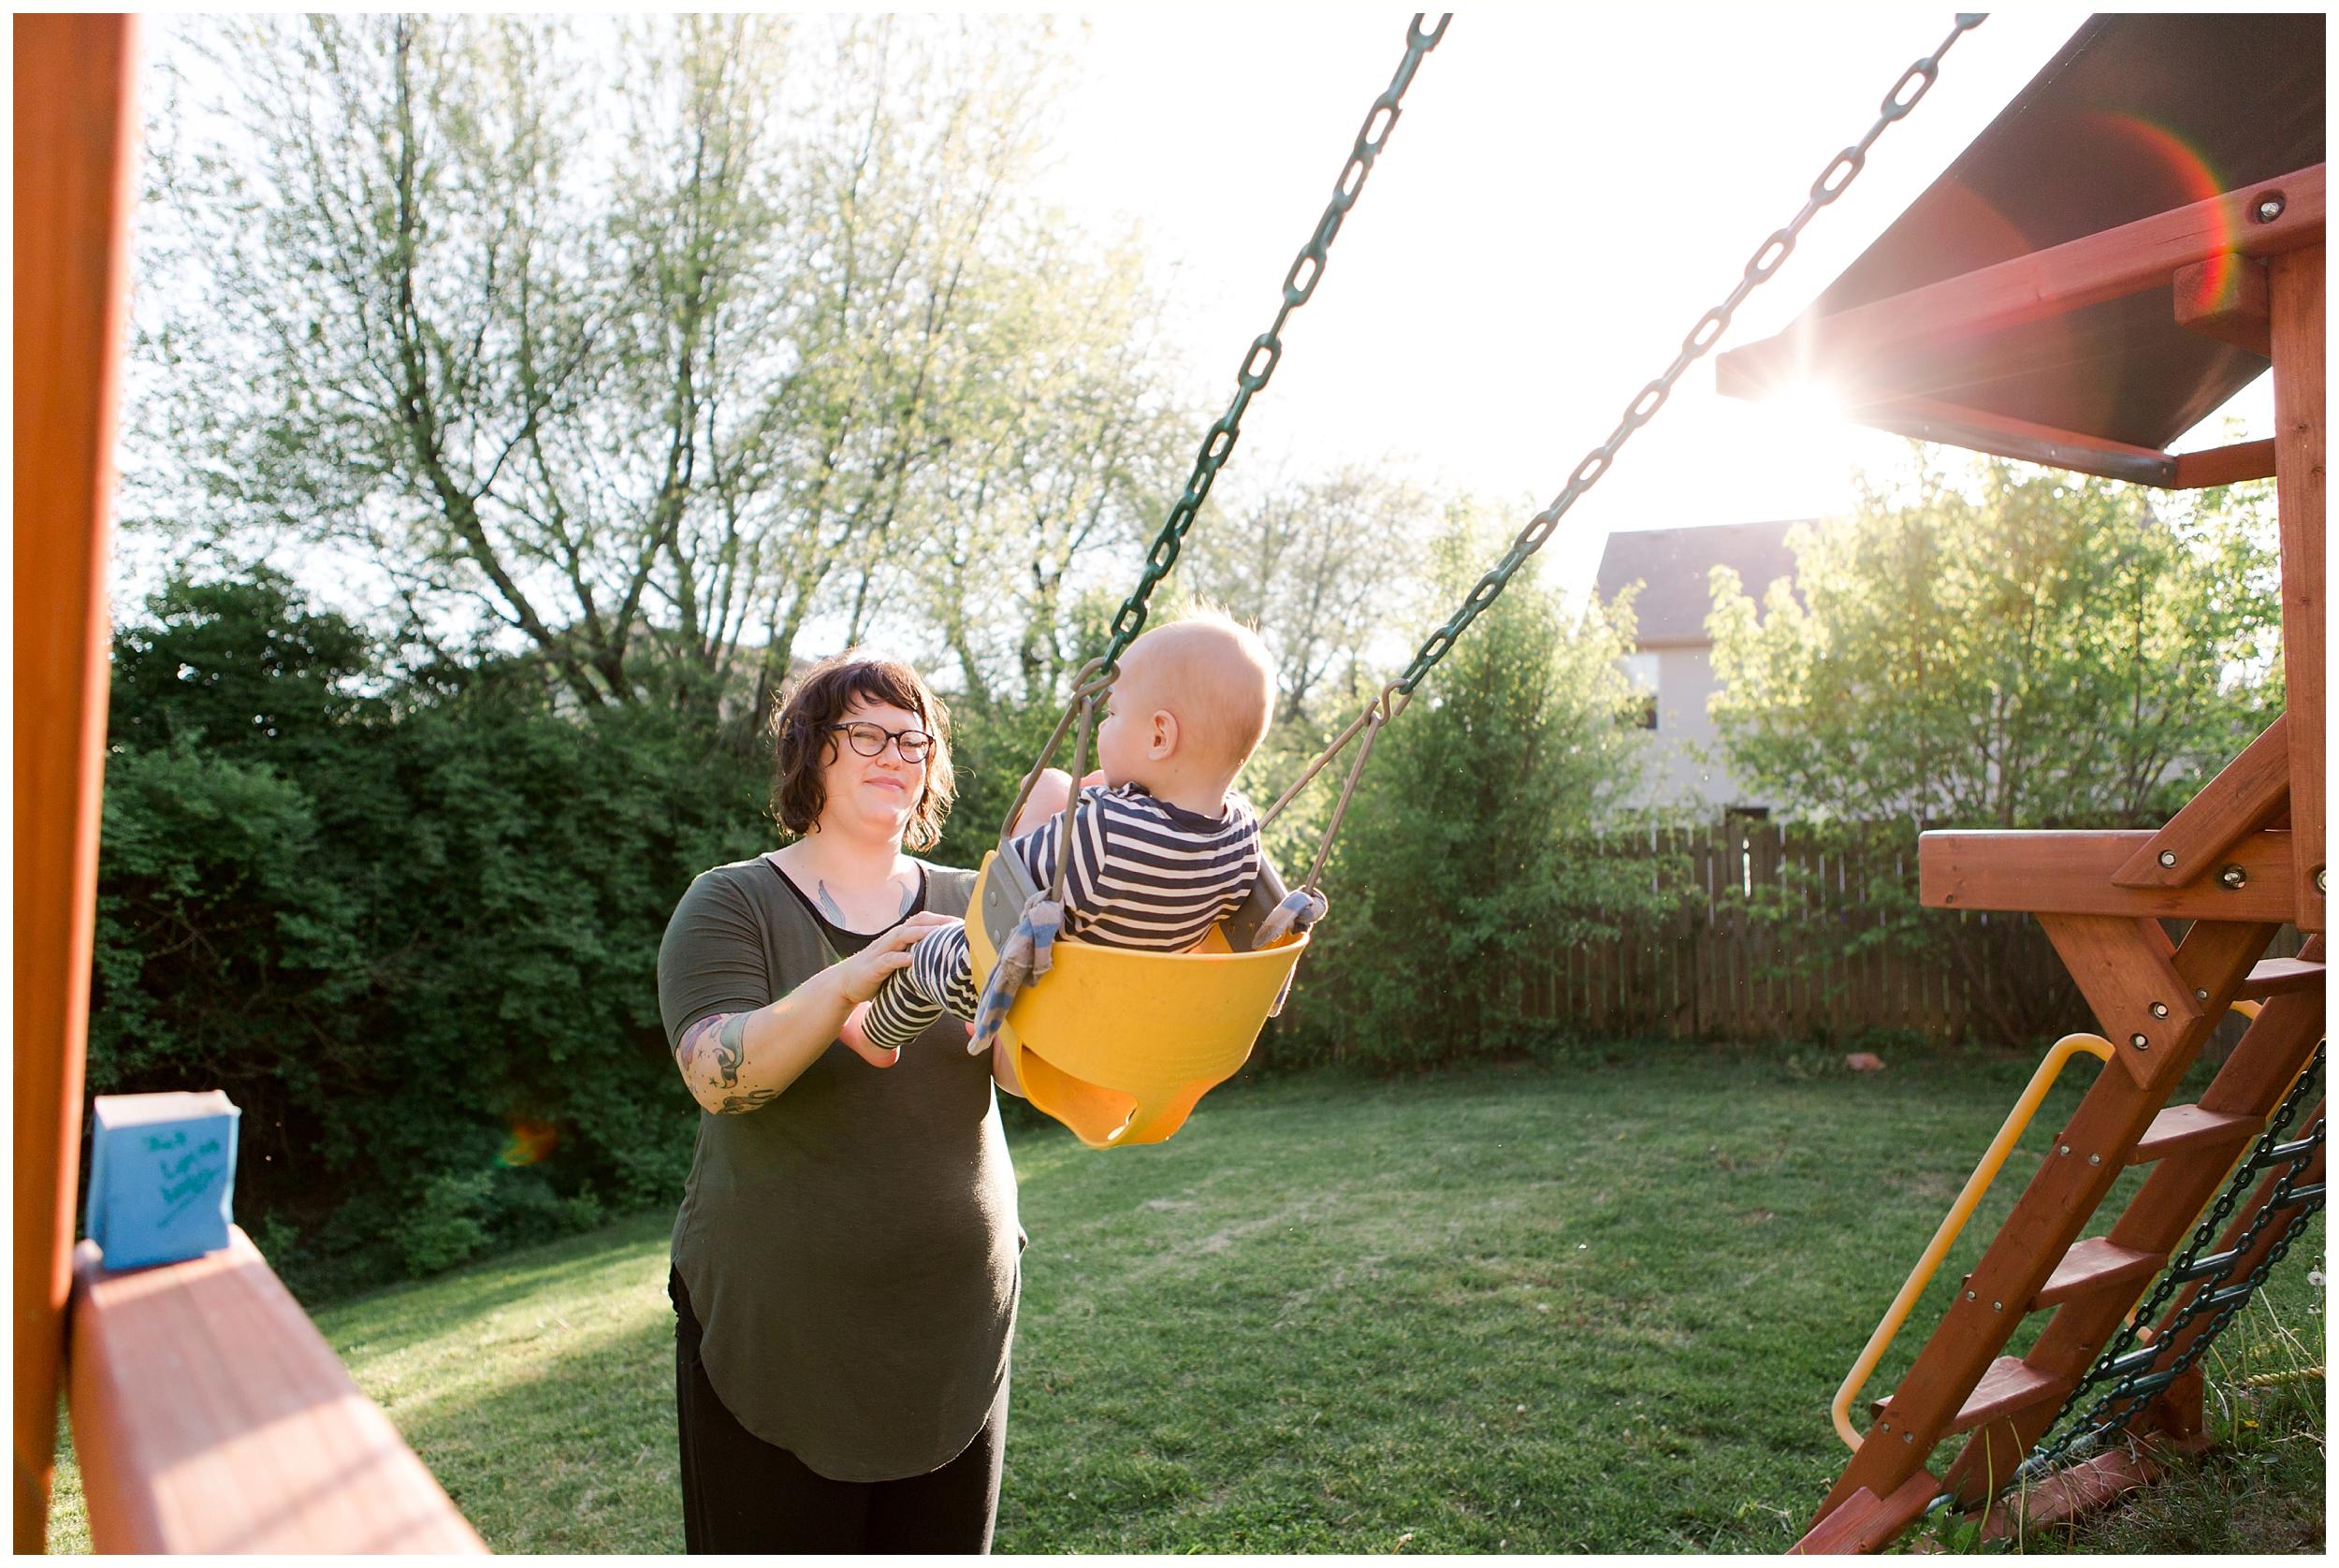 lexington-ky-family-lifestyle-photos-by-priscilla-baierlein_0183.jpg